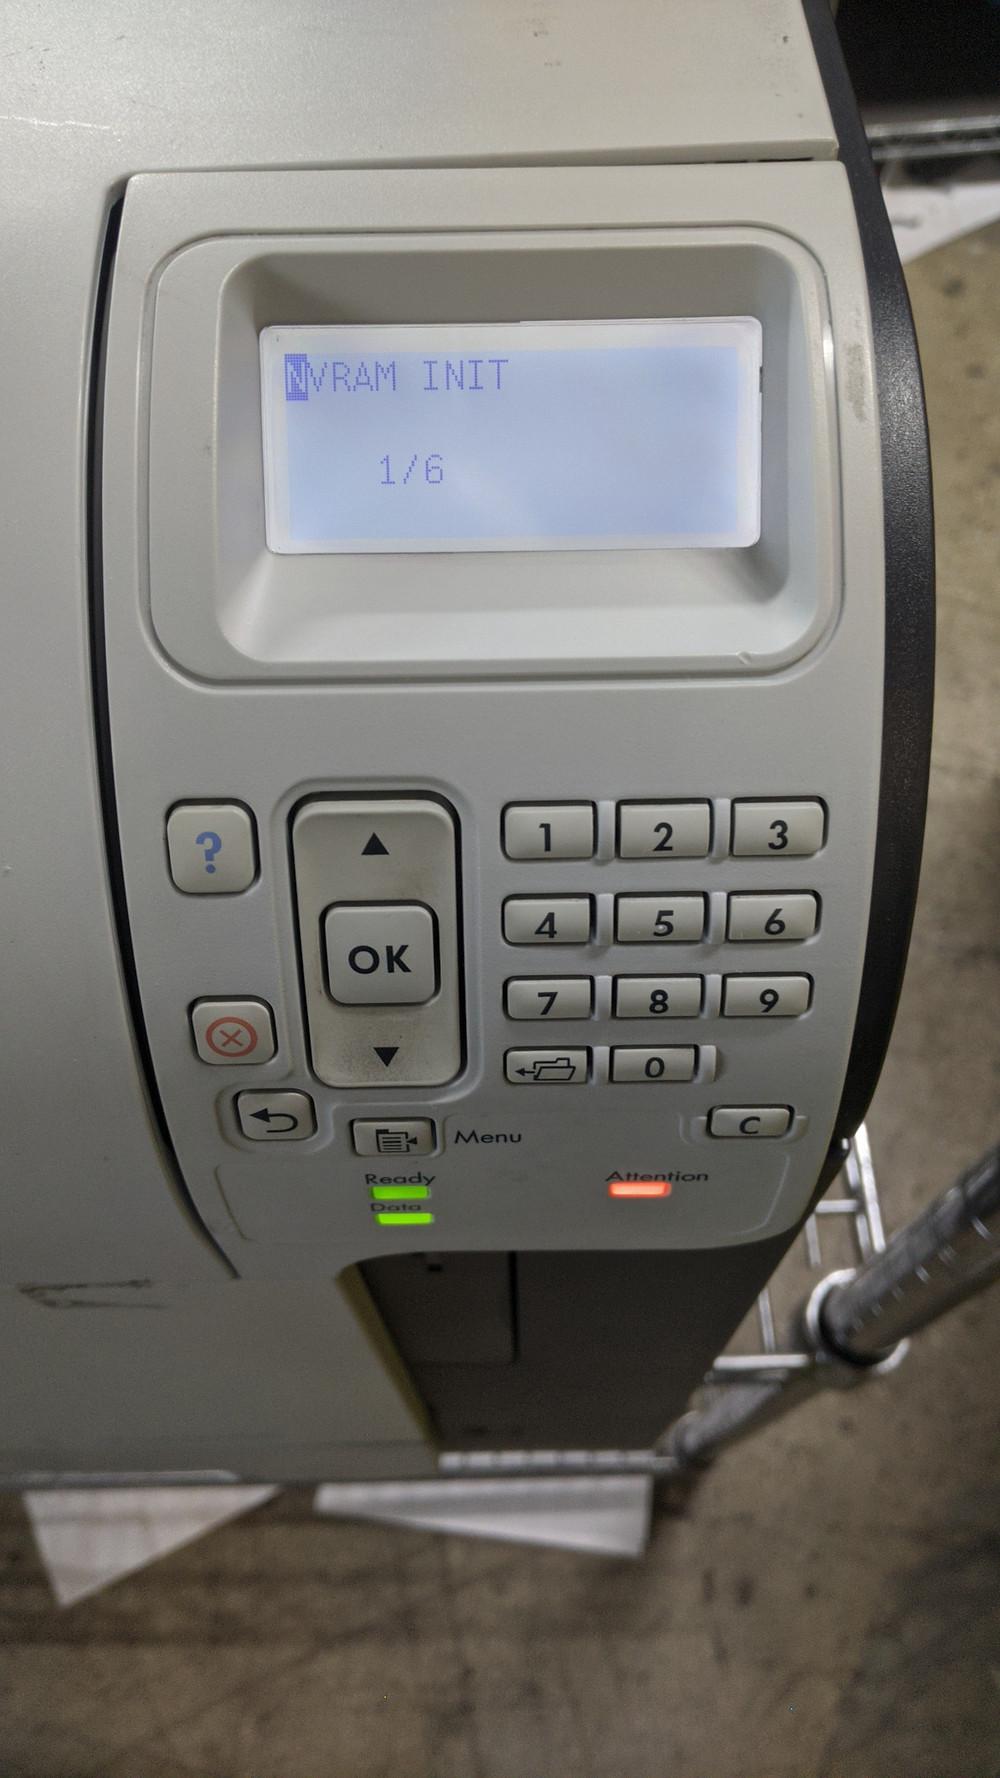 NVRAM Reset For HP Laser Printers